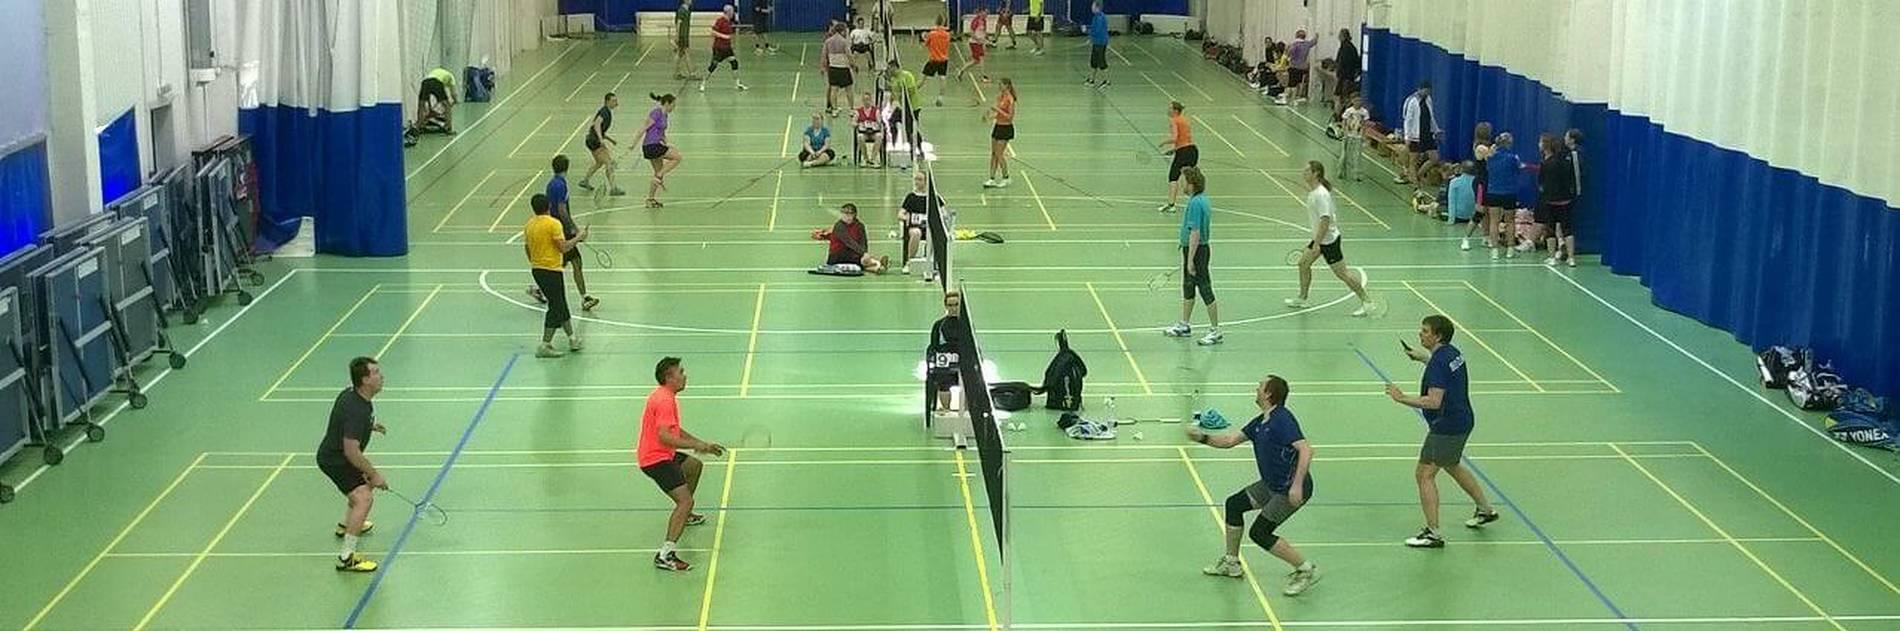 Sparta Sport Club in Tallinn,Estonia